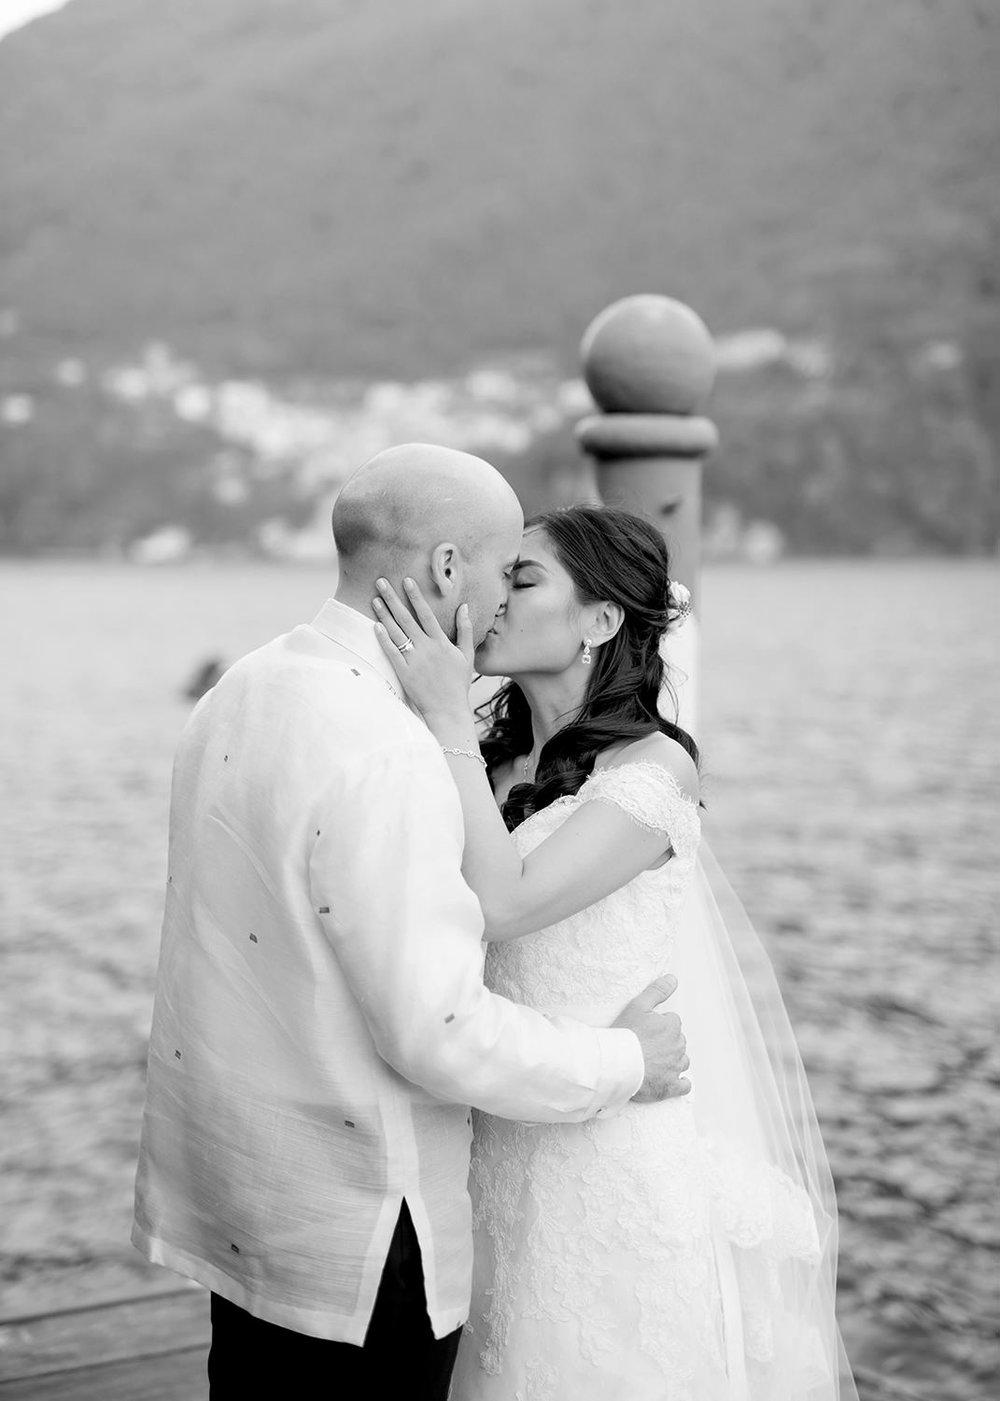 villa-regina-teodolinda-wedding-photographer-C&B-©bottega53-78.JPG